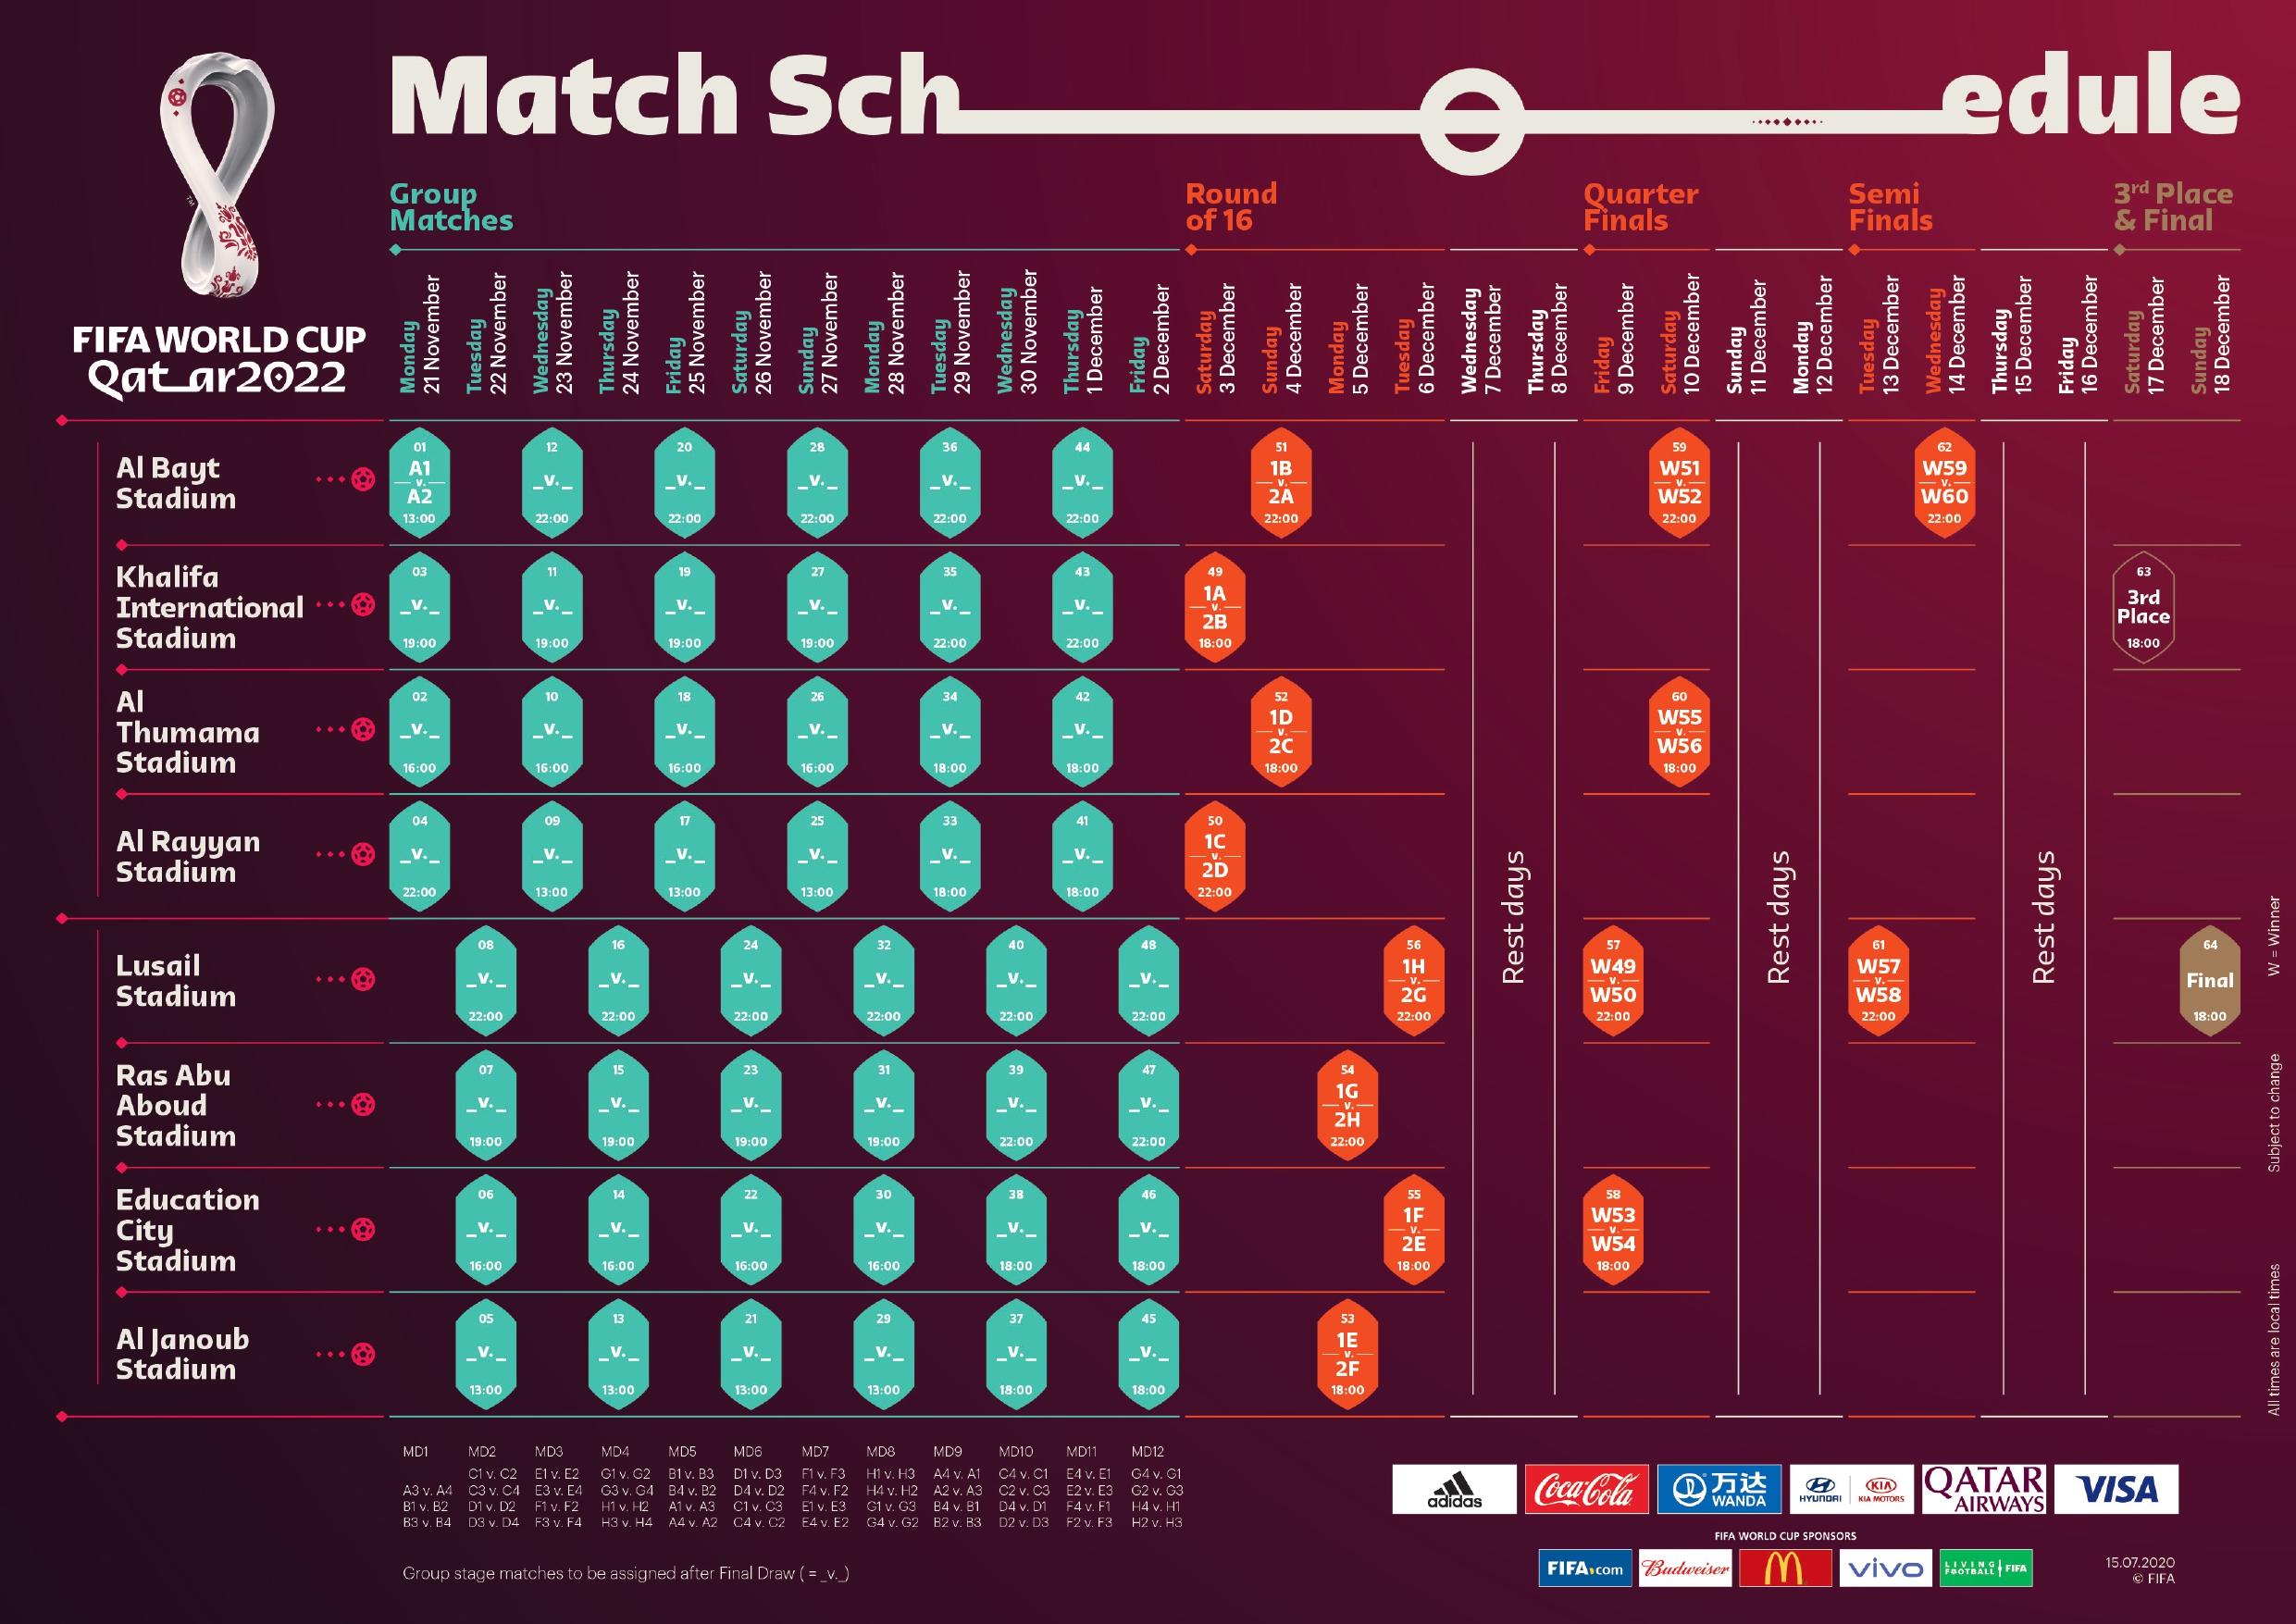 Calendario del Mundial Qatar 2022